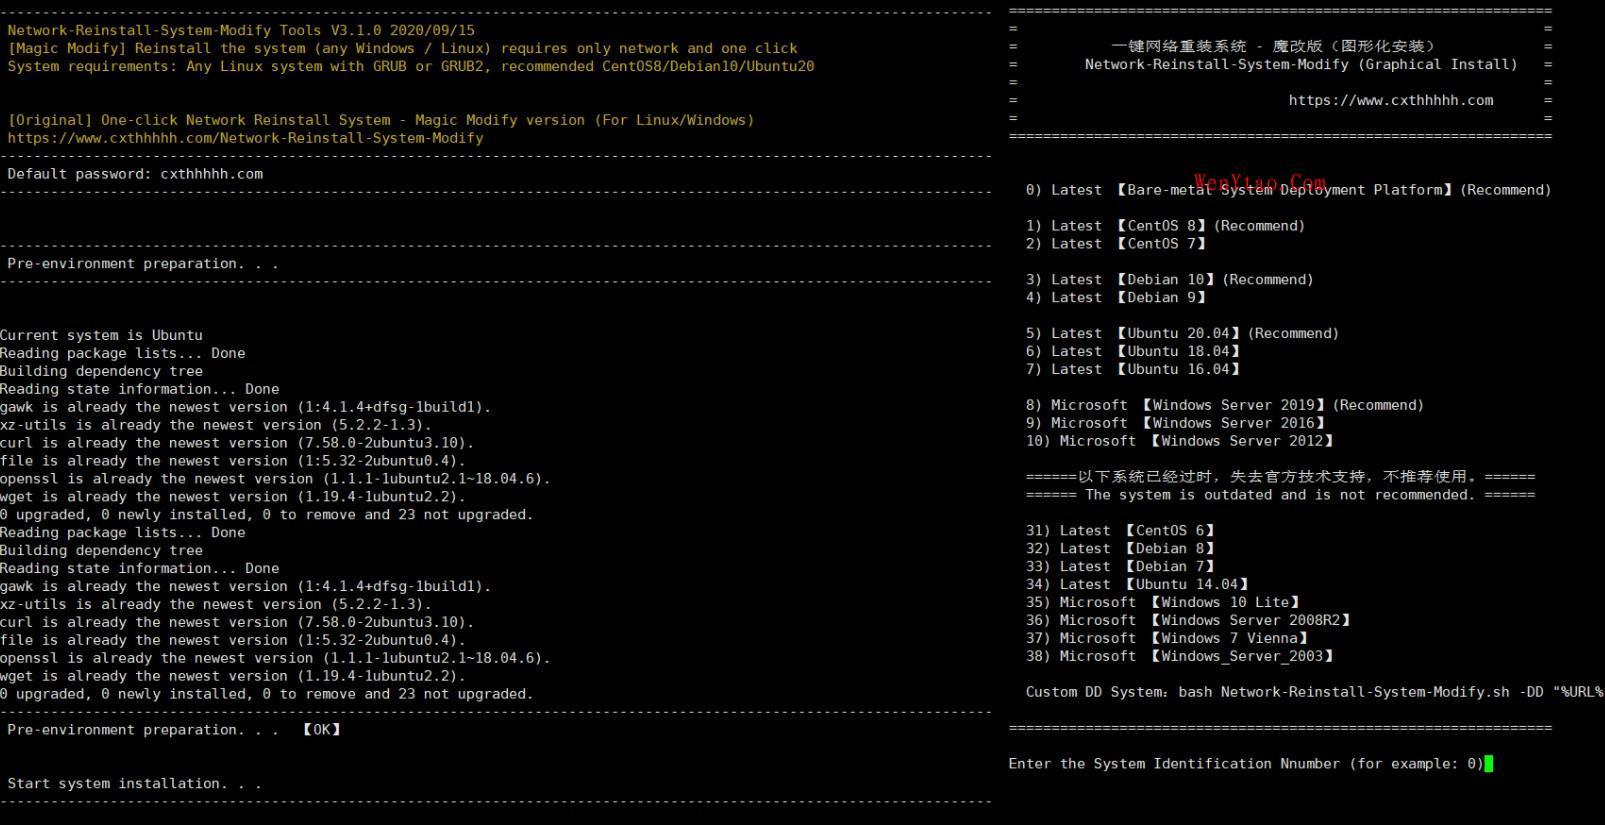 一键网络重装系统 - 魔改版(适用于Linux / Windows) 第1张